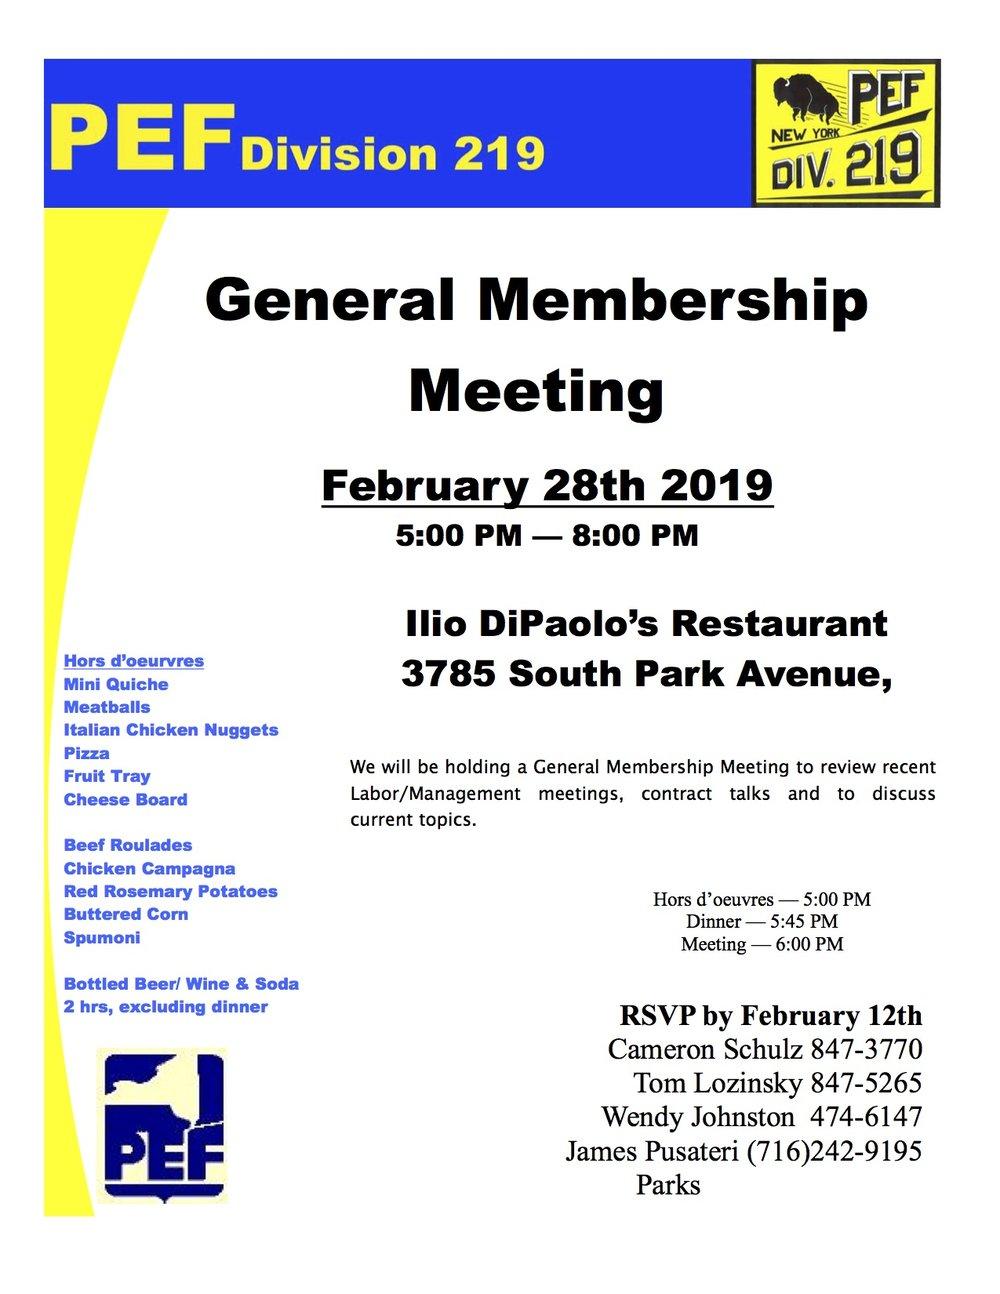 General Meeting Notice_02-28_19.jpg